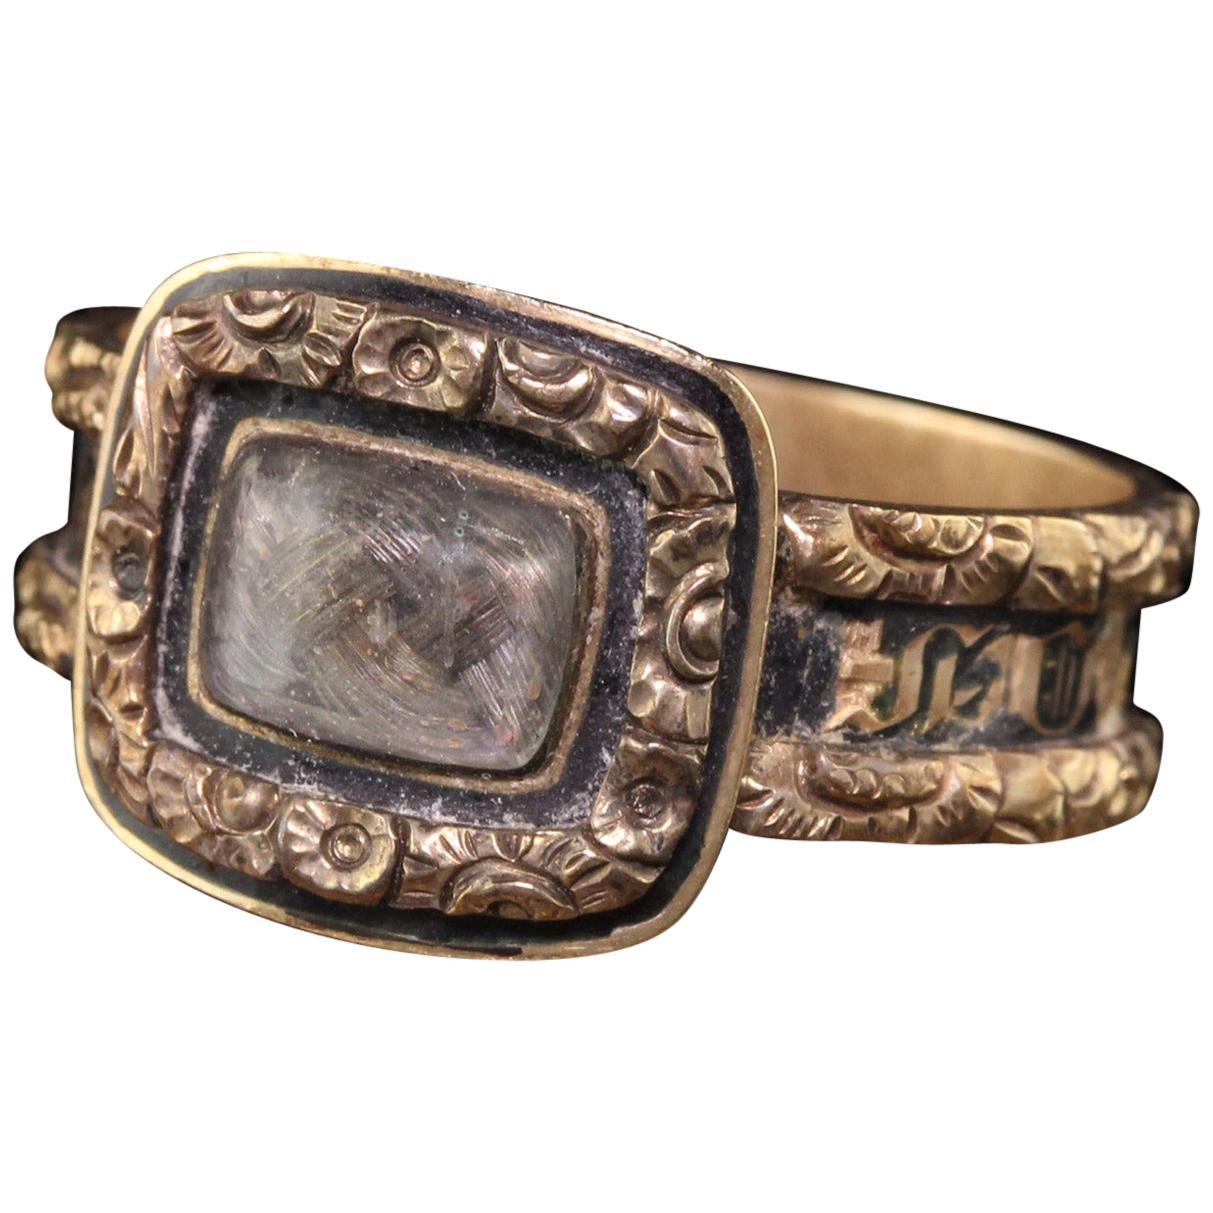 Antique Victorian 14 Karat Yellow Gold Engraved Black Enamel Mourning Ring